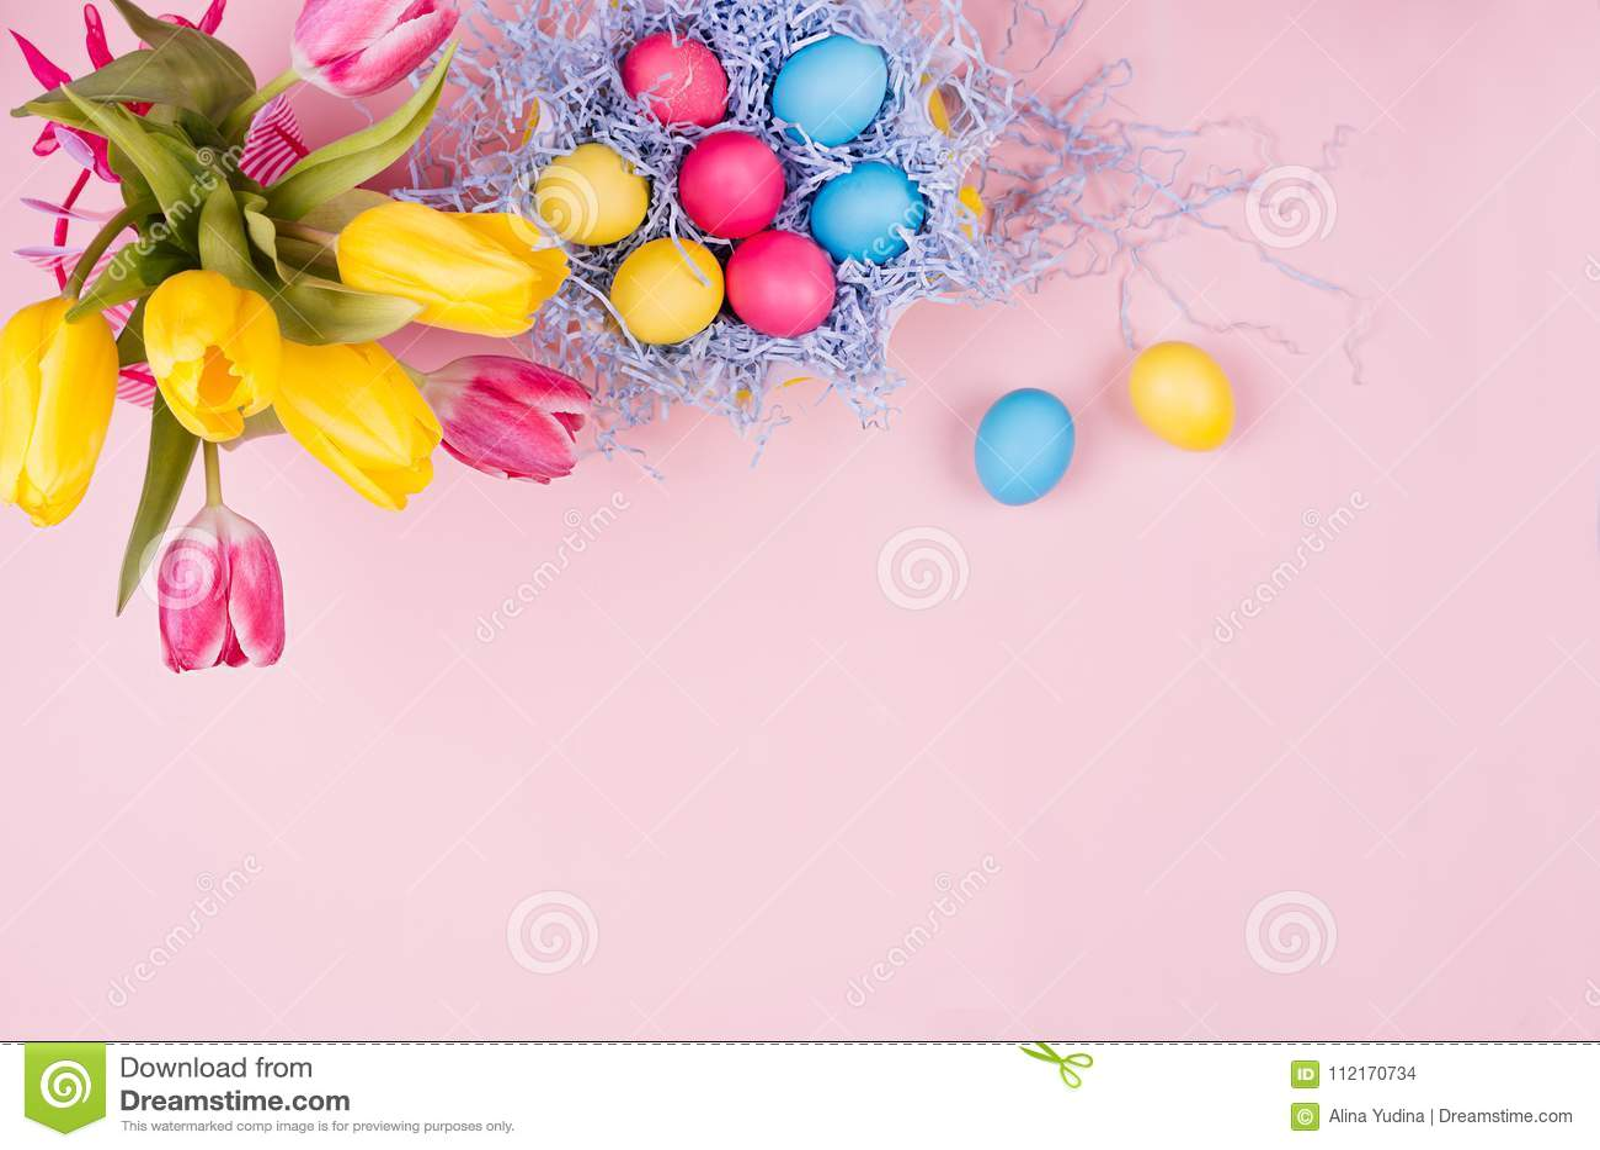 De zachte elegante zachte decoratie van pastelkleurpasen - de geschilderde eieren, gele tulpen, cupcake op roze achtergrond, kopi